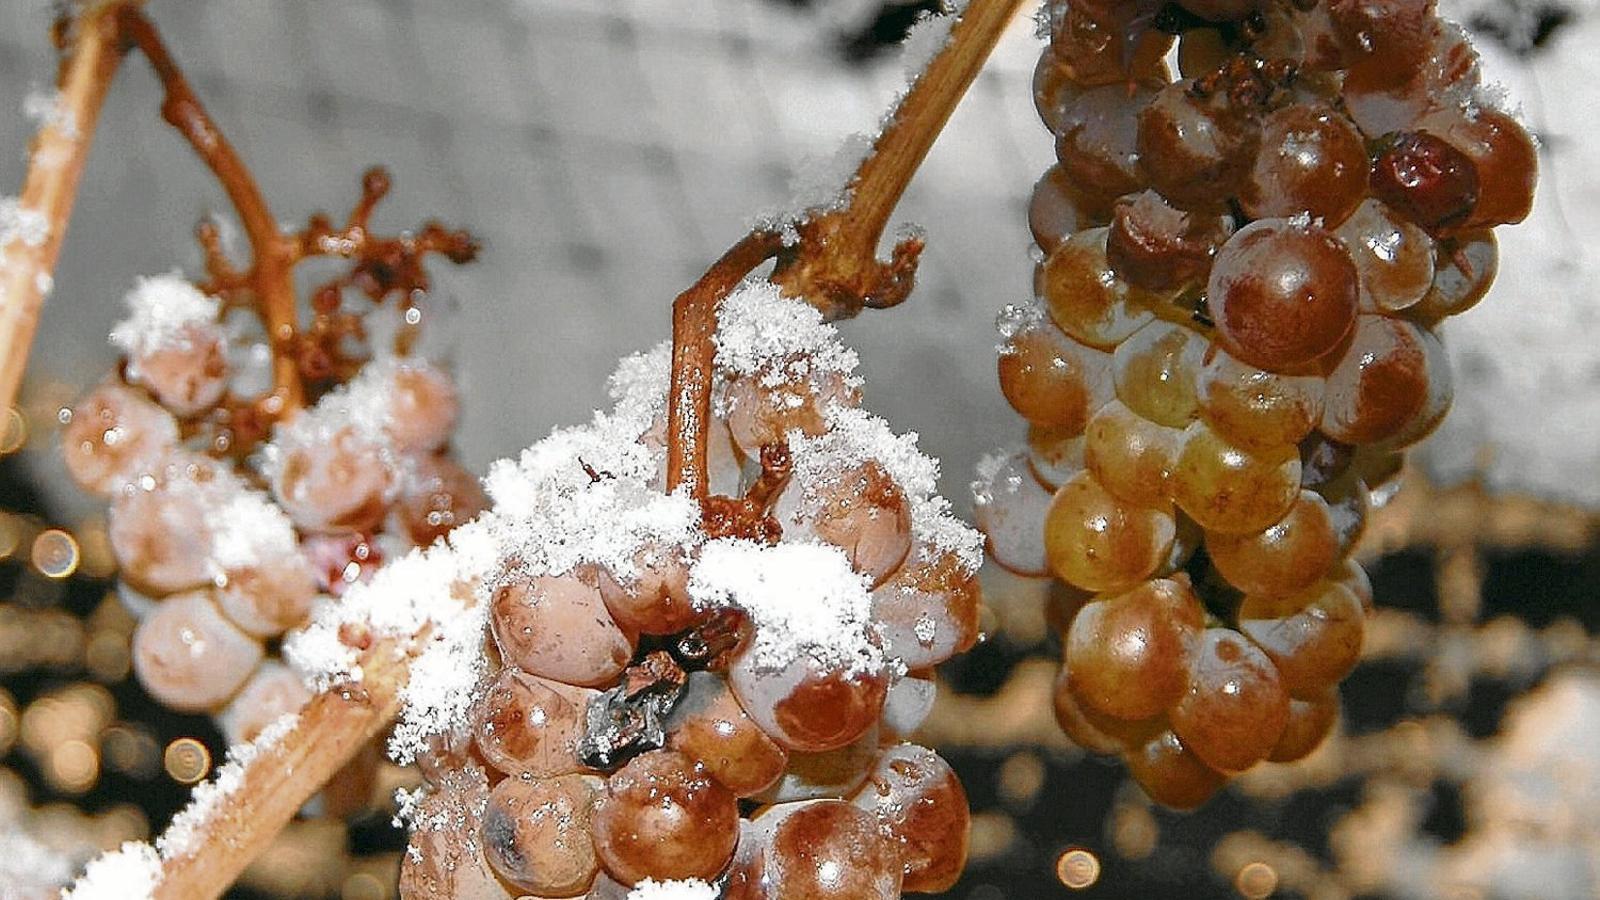 S'acosta l'hivern Vi recomanat Grüner Veltliner Eiswein 2014 Weinrieder (Àustria)